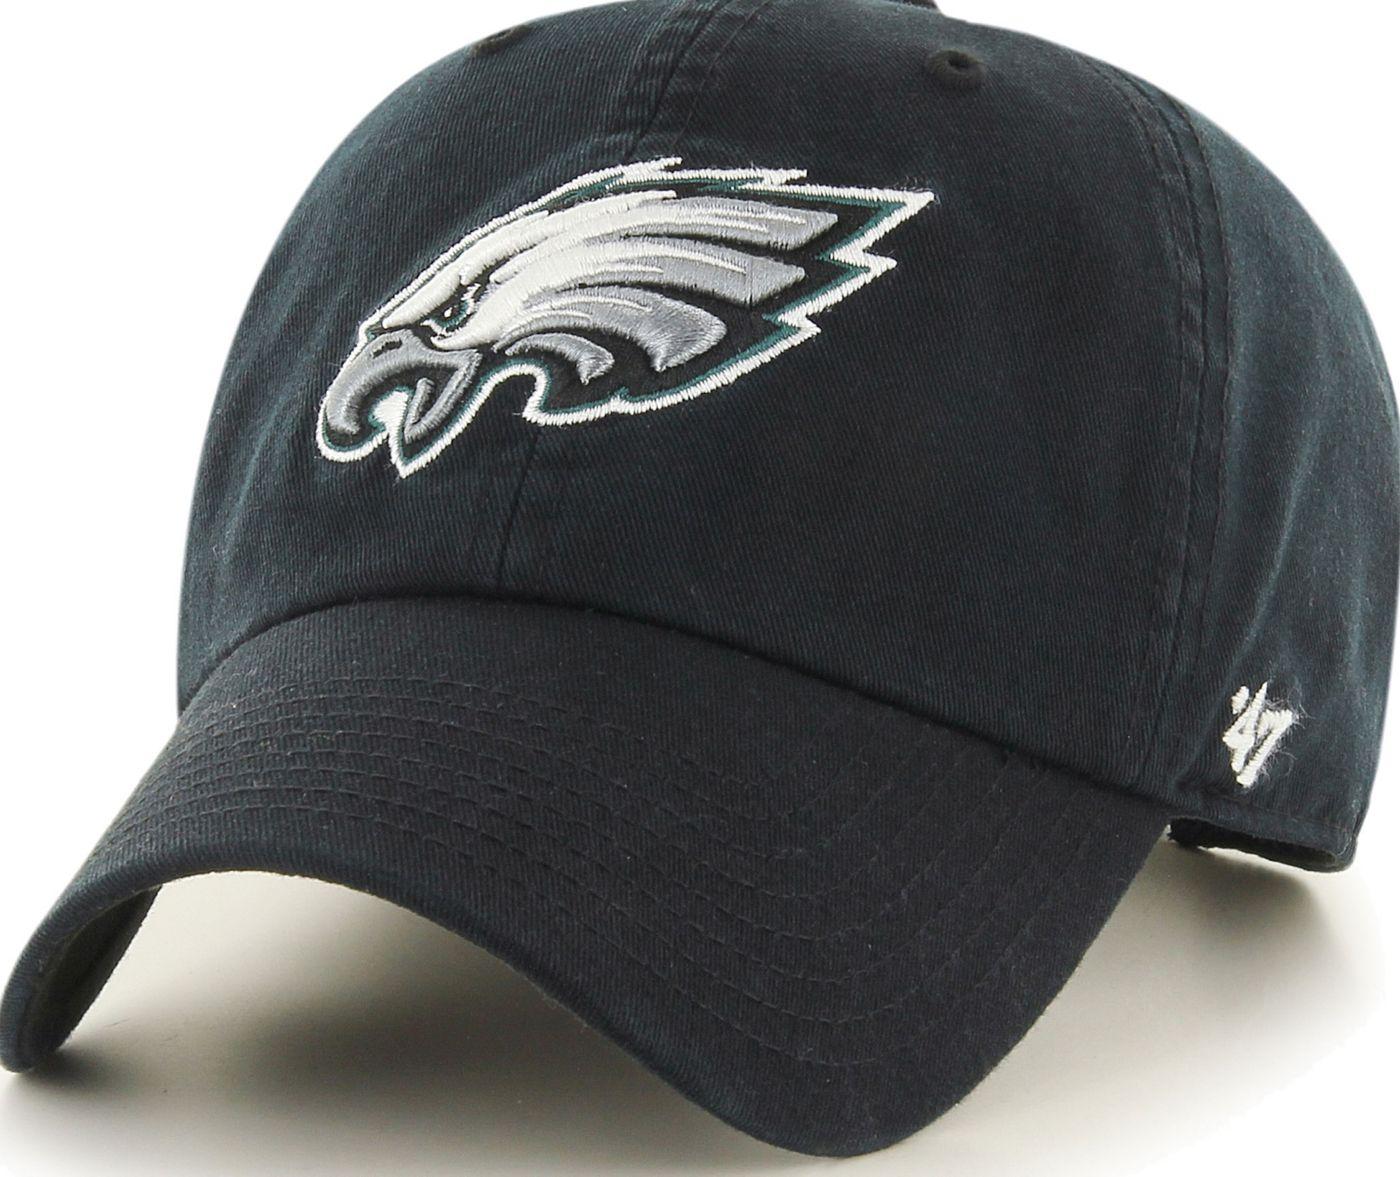 '47 Men's Philadelphia Eagles Clean Up Black Adjustable Hat